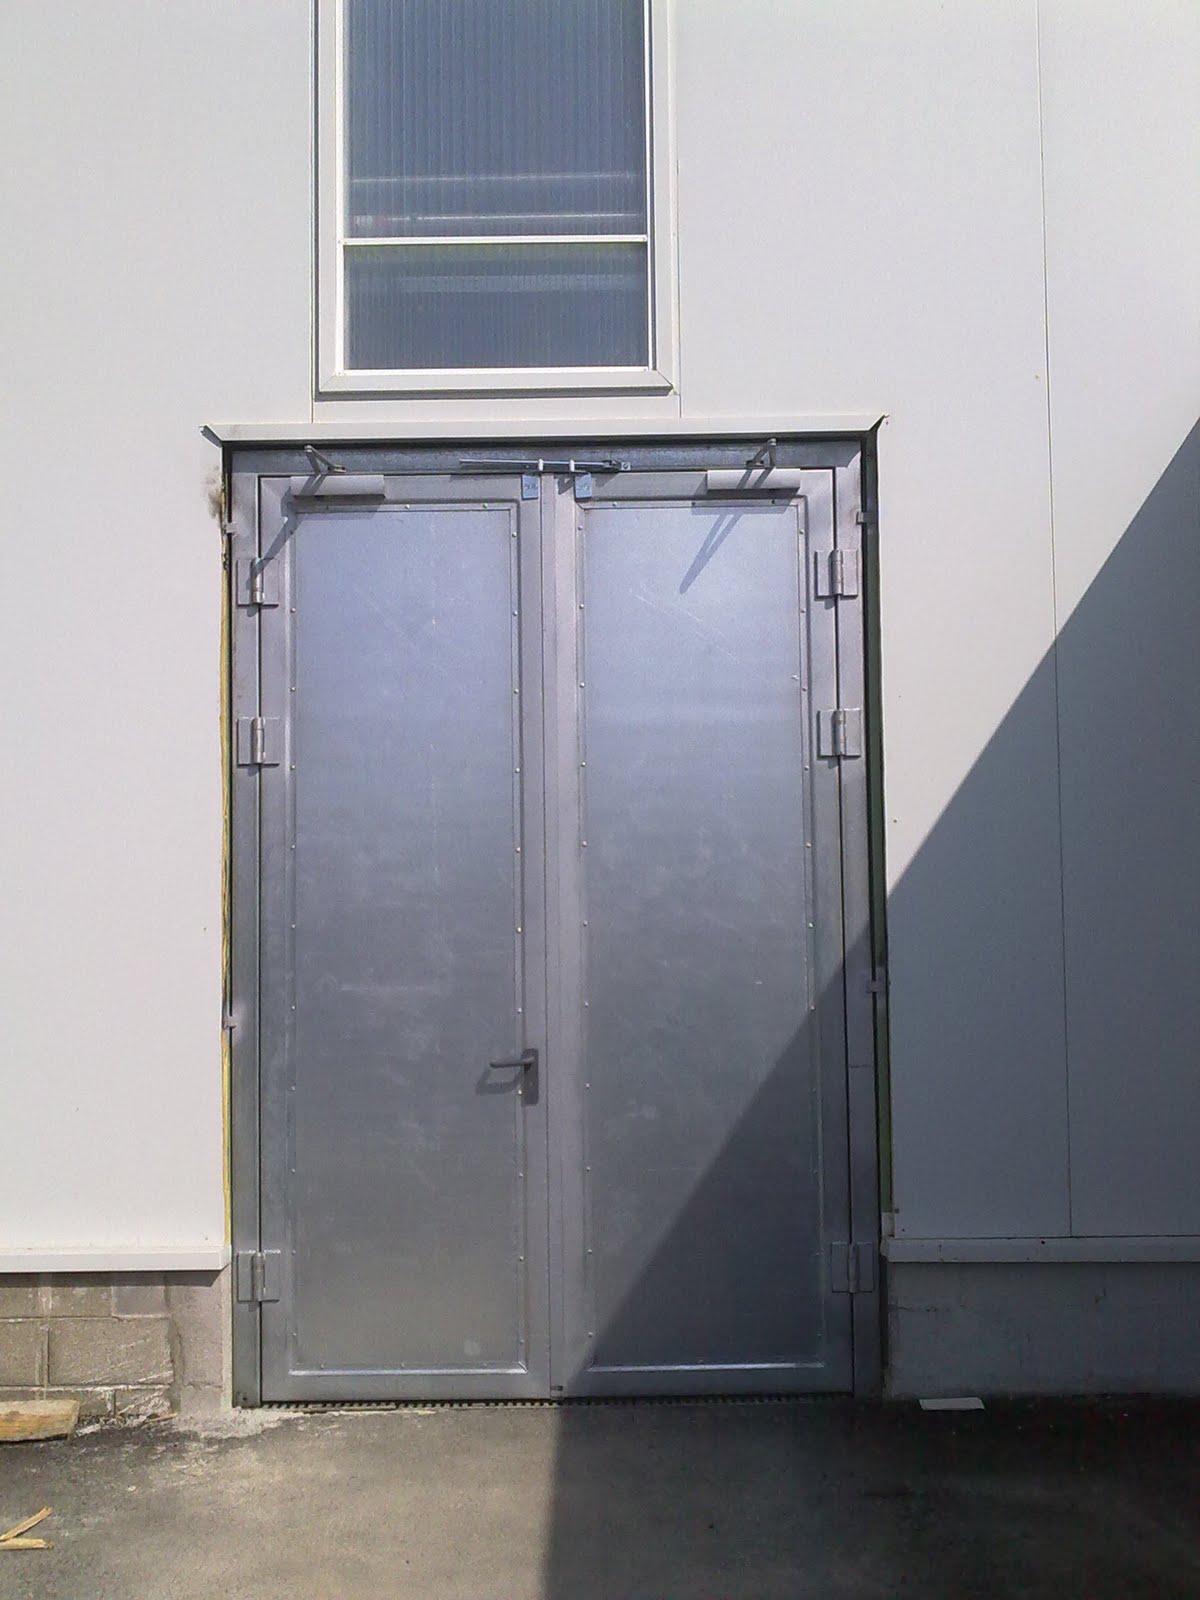 Puertas automatismos sistemas de seguridad y control for Puertas correderas pequenas